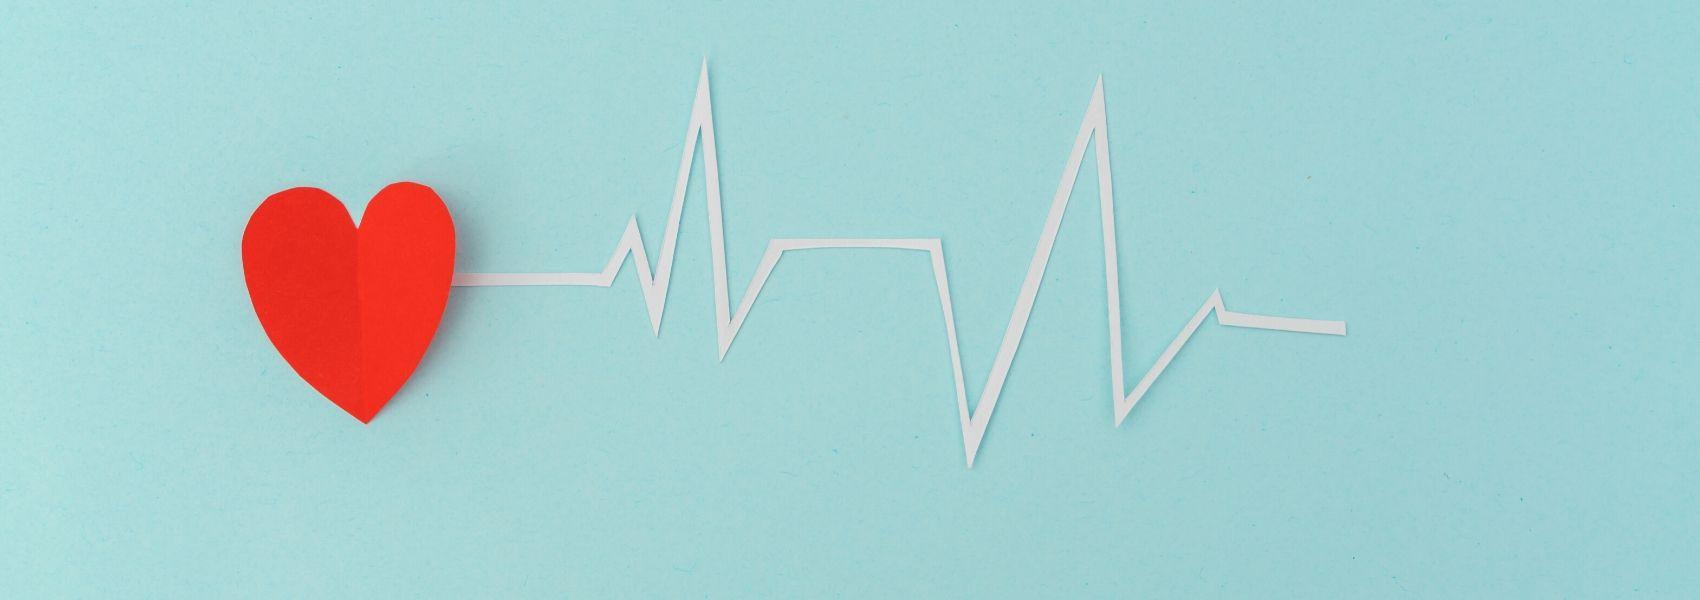 Estudo associa burnout a batimentos cardíacos irregulares